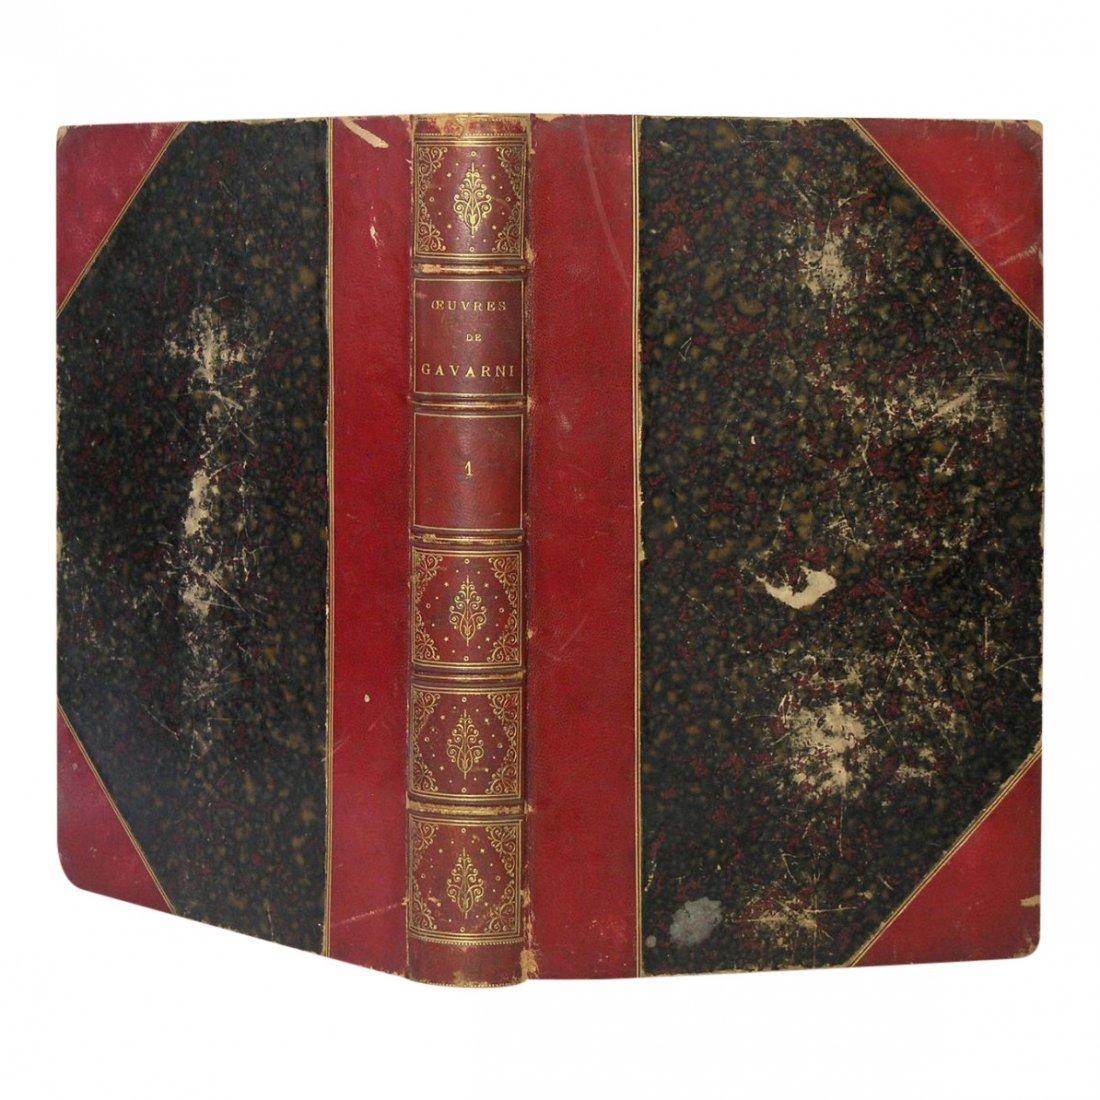 Oeuvres Choisies de Gavarni Vols I & II by Gavarni